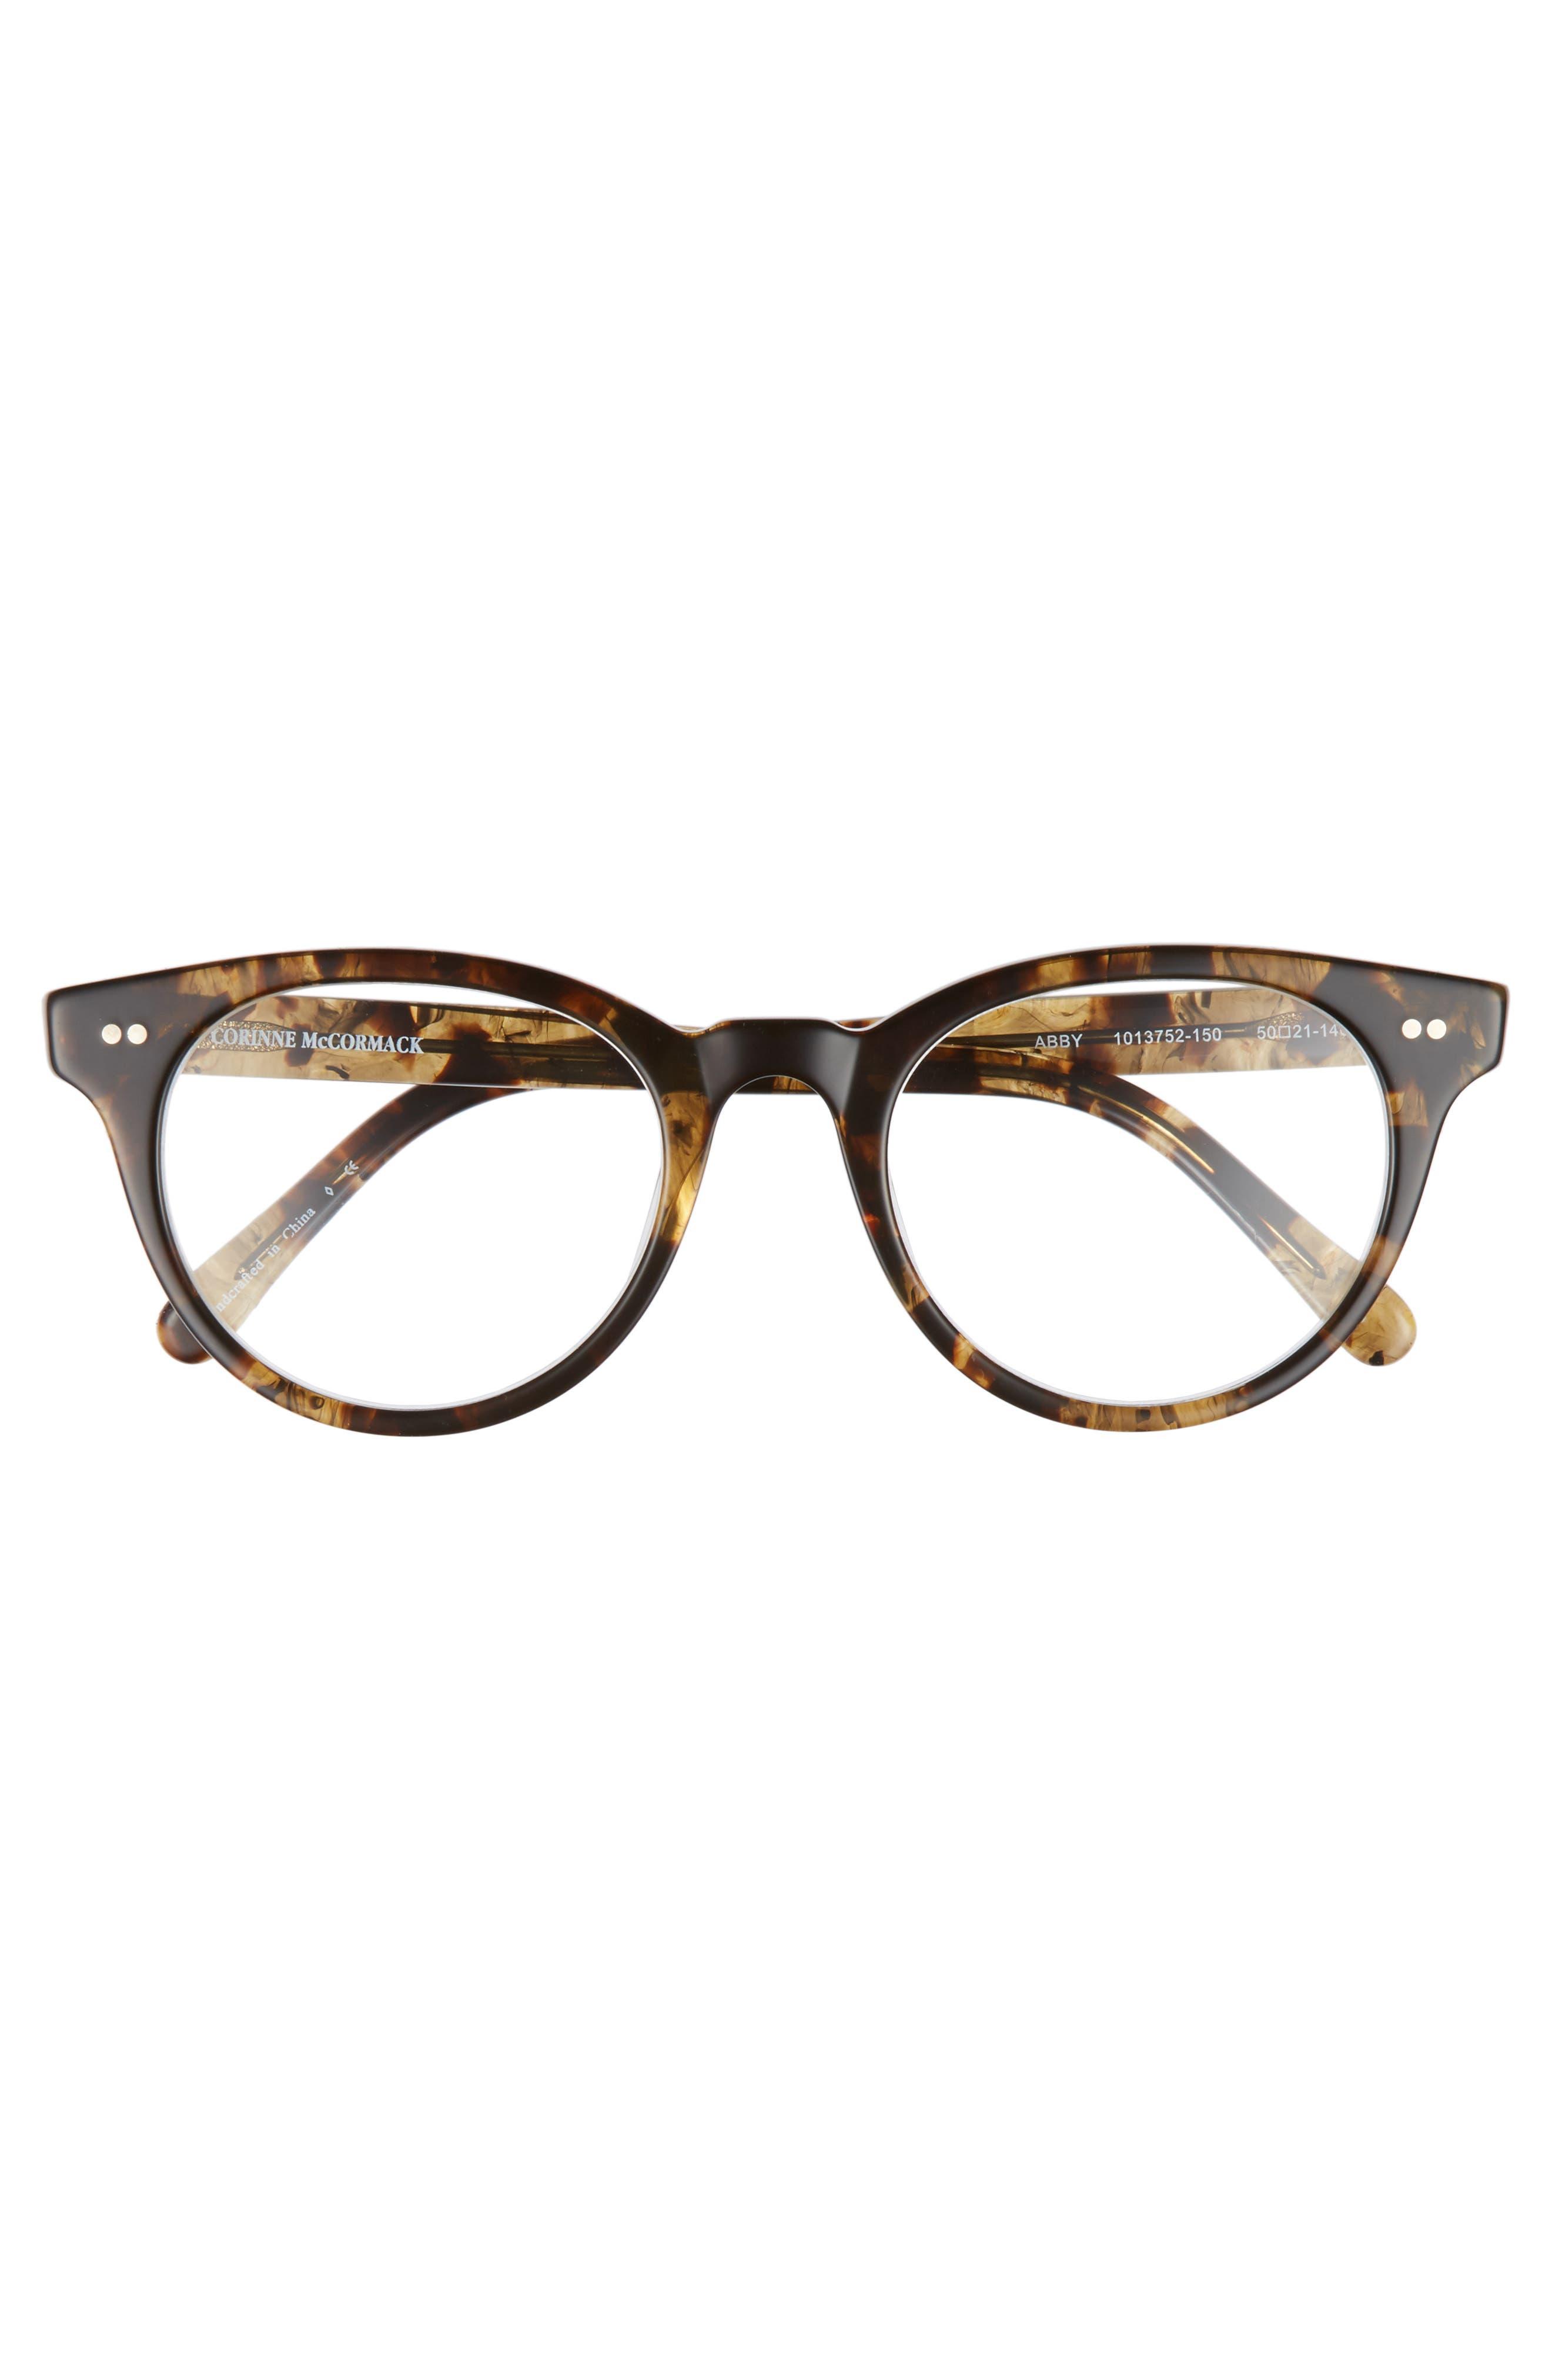 Abby 50mm Reading Glasses,                             Alternate thumbnail 3, color,                             DARK TORTOISE